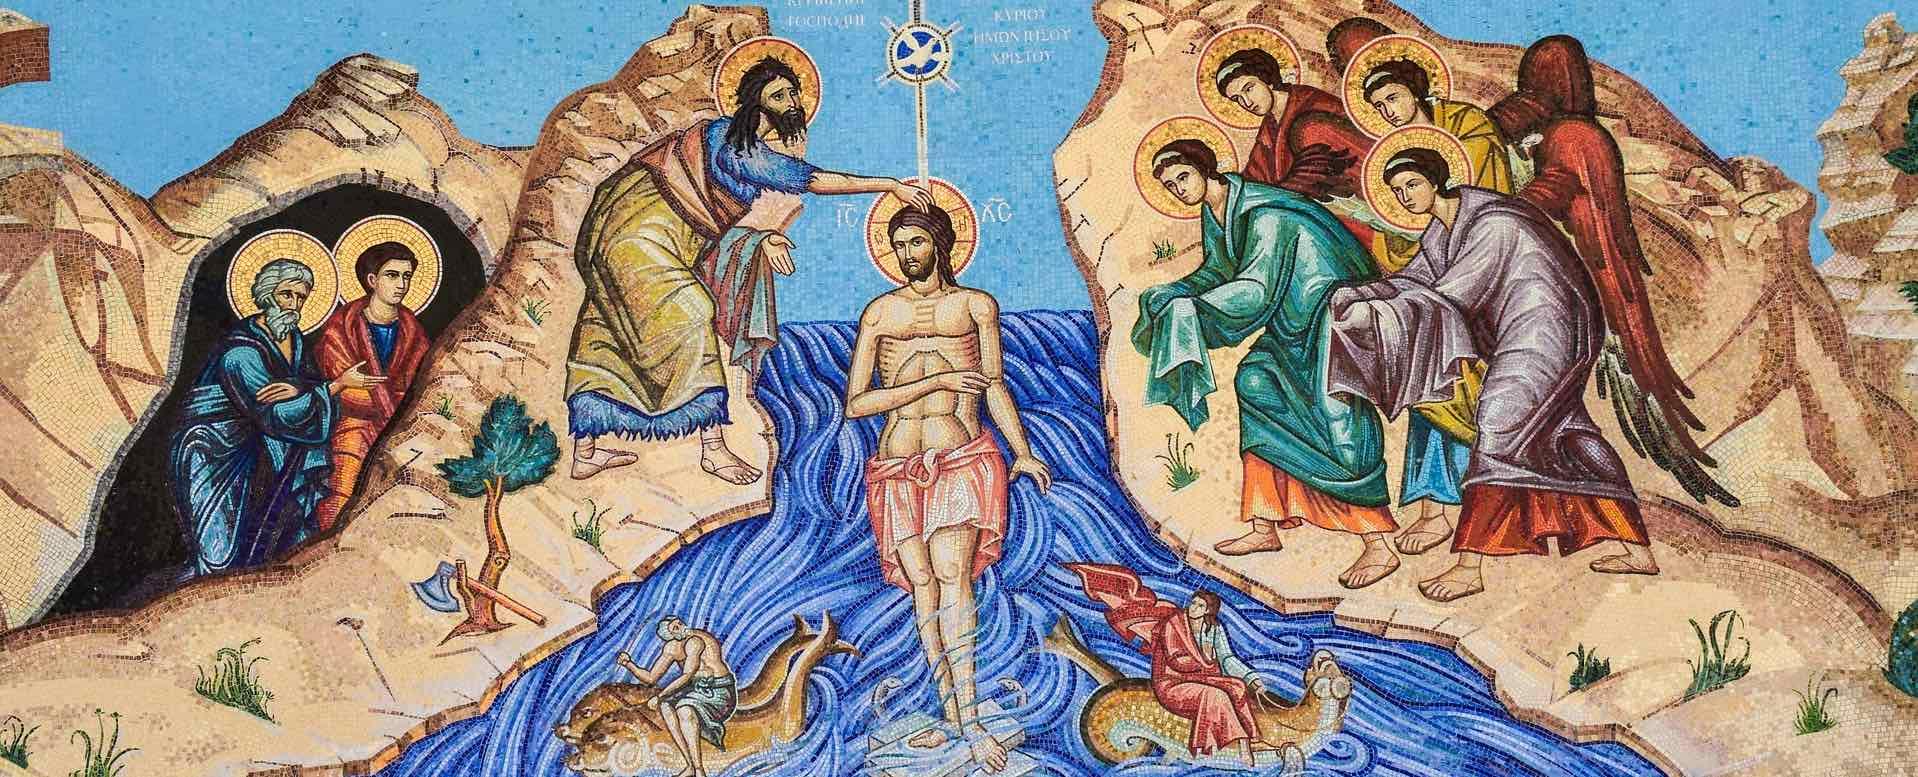 Bild Taufe von Jesus